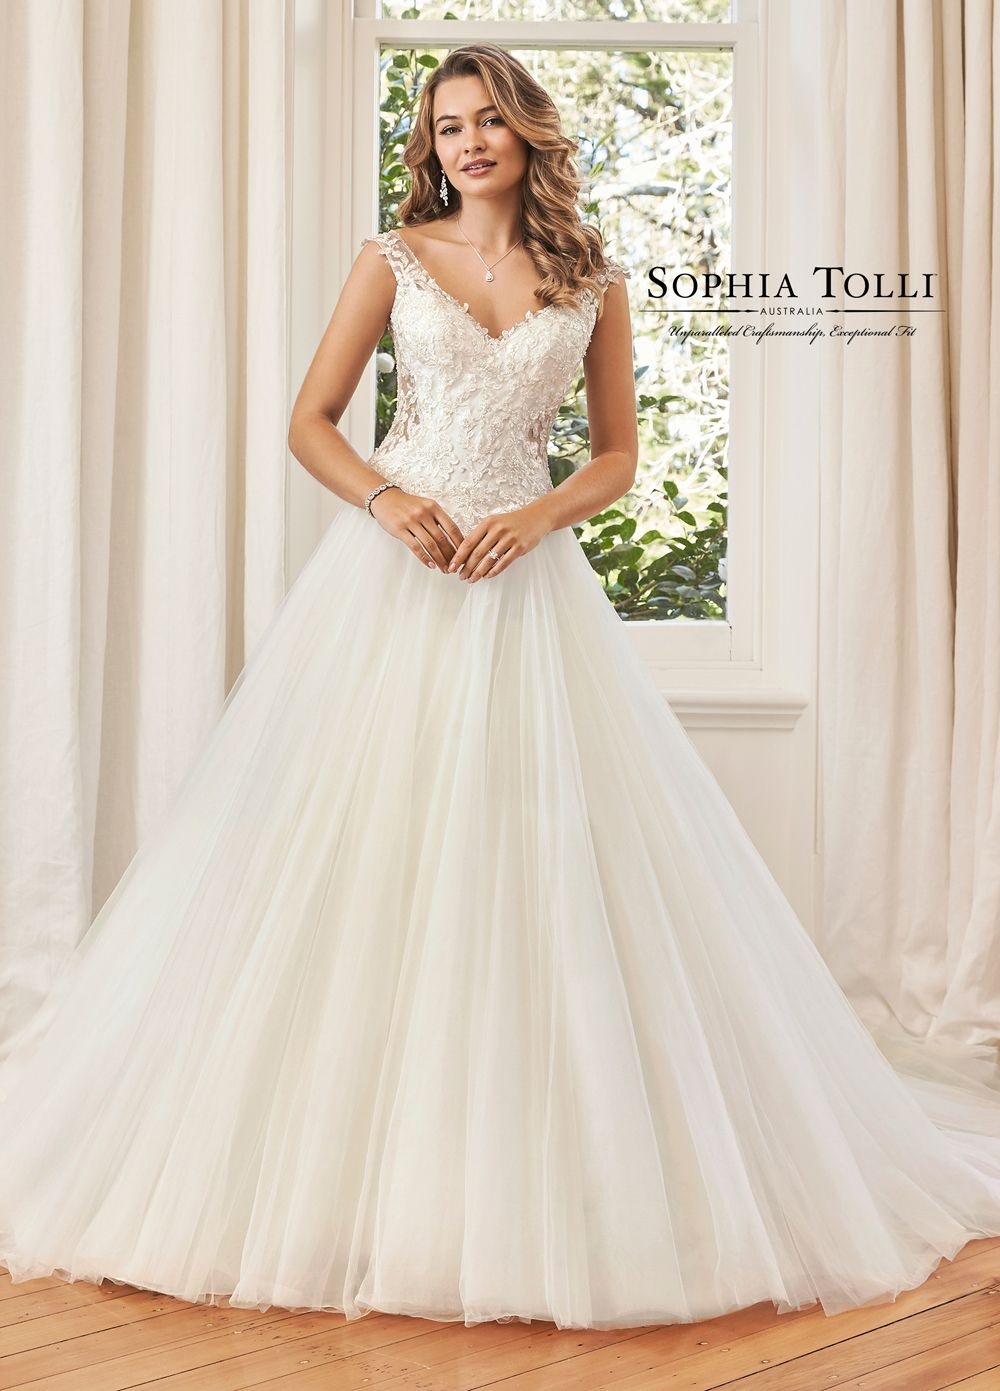 Sophia Tolli Y11965a Hayden Basque Waist Wedding Gown Long Train Wedding Dress Wedding Dresses Detachable Train Wedding Dress [ 1391 x 1000 Pixel ]